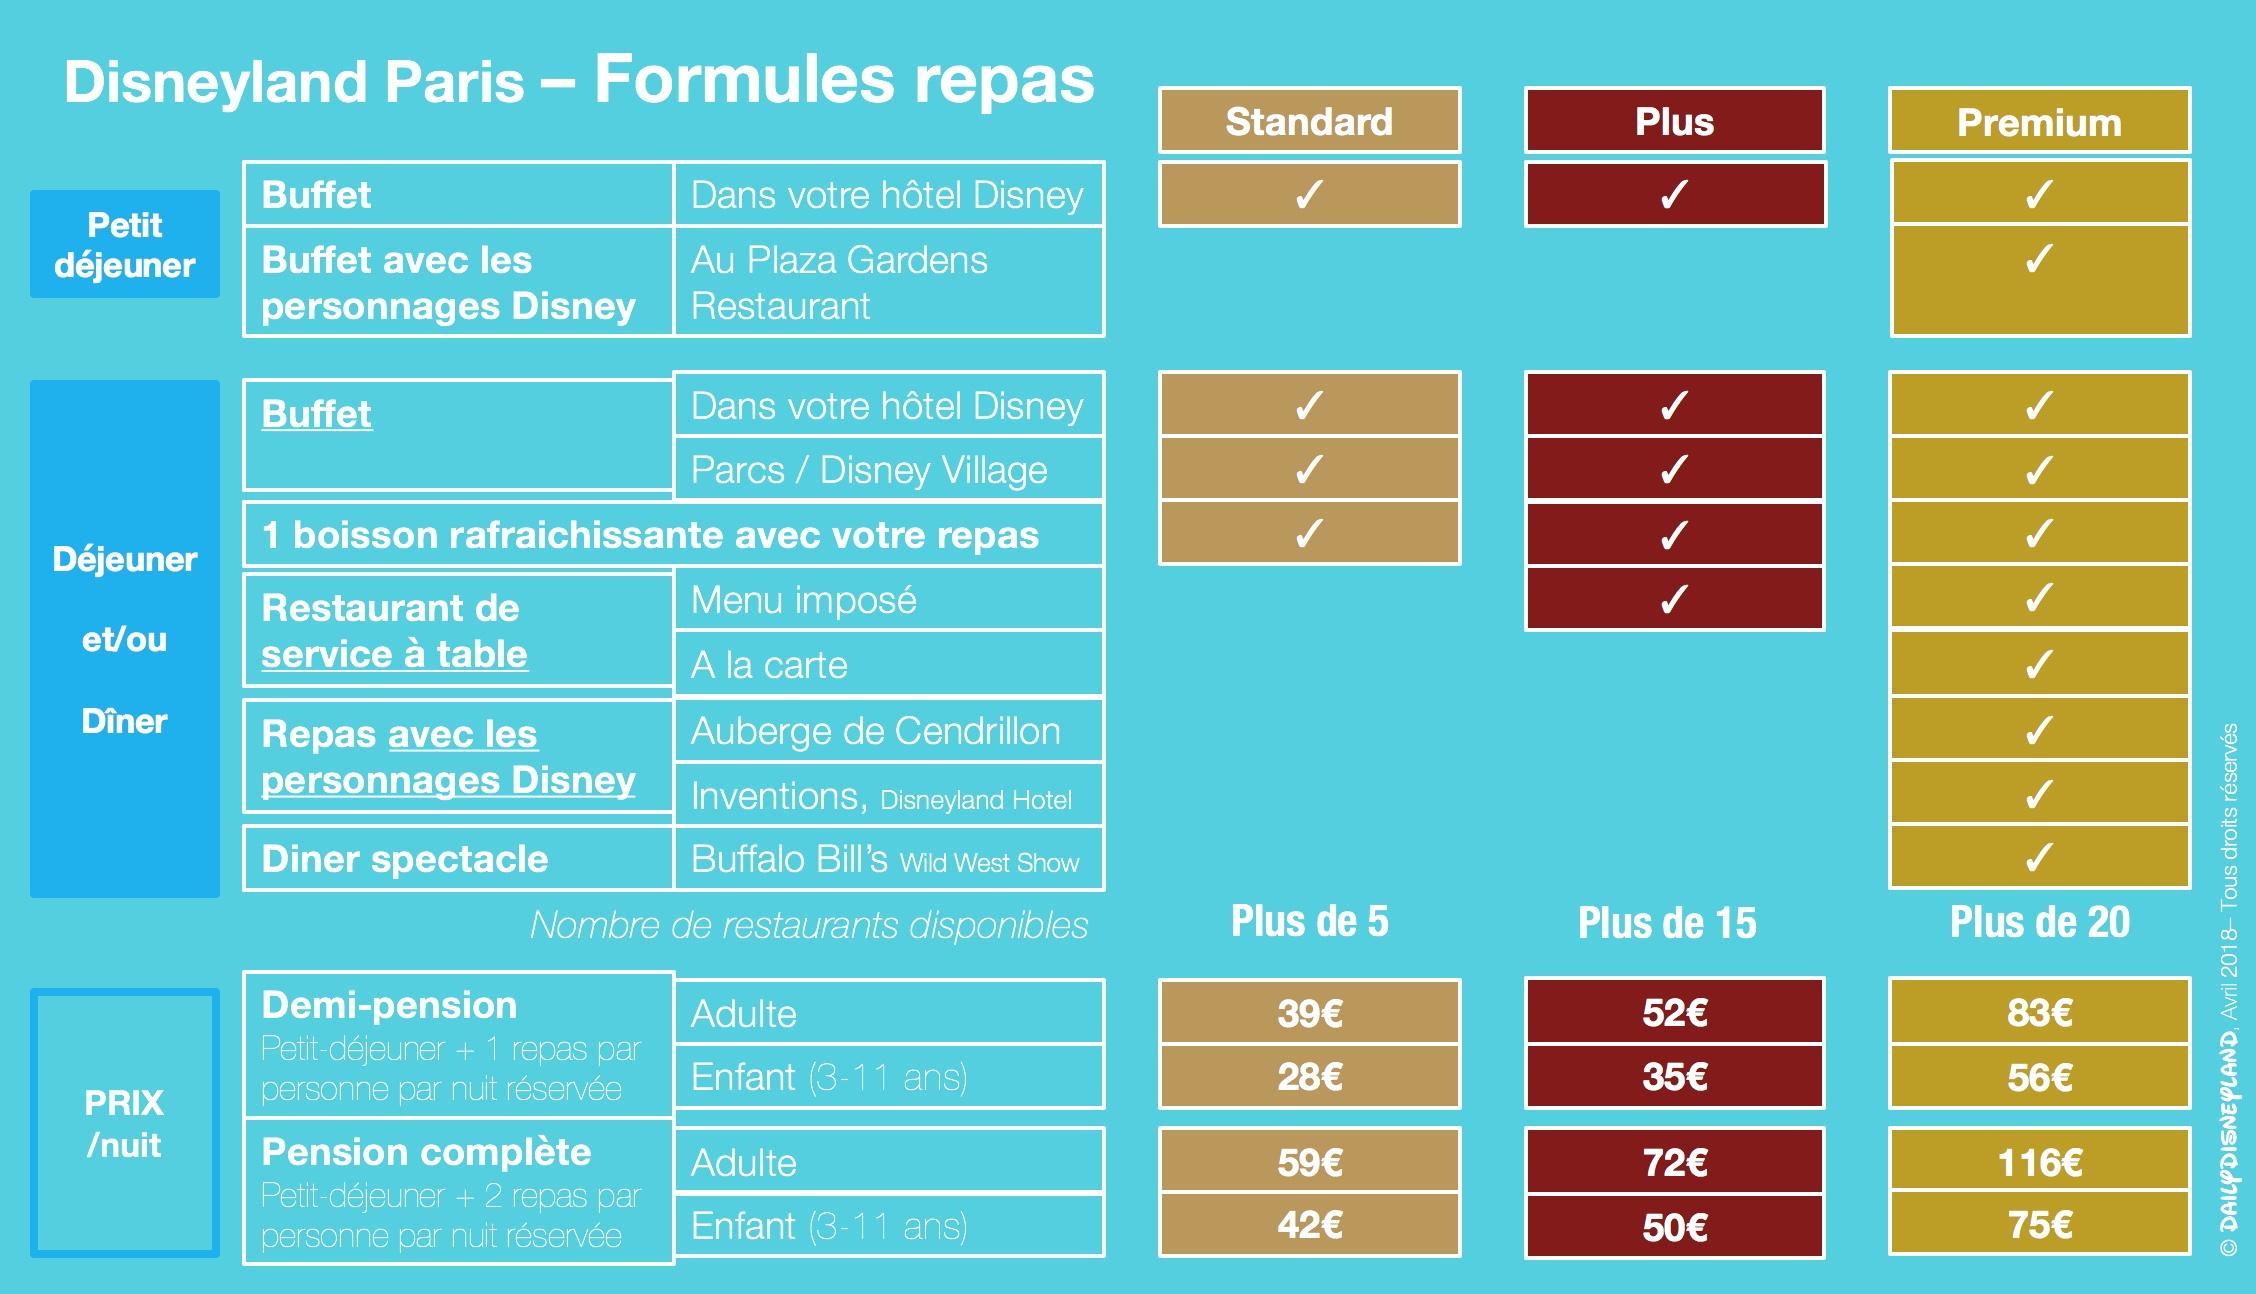 tableau comparatif formules repas disneyland paris demi pension pension complete